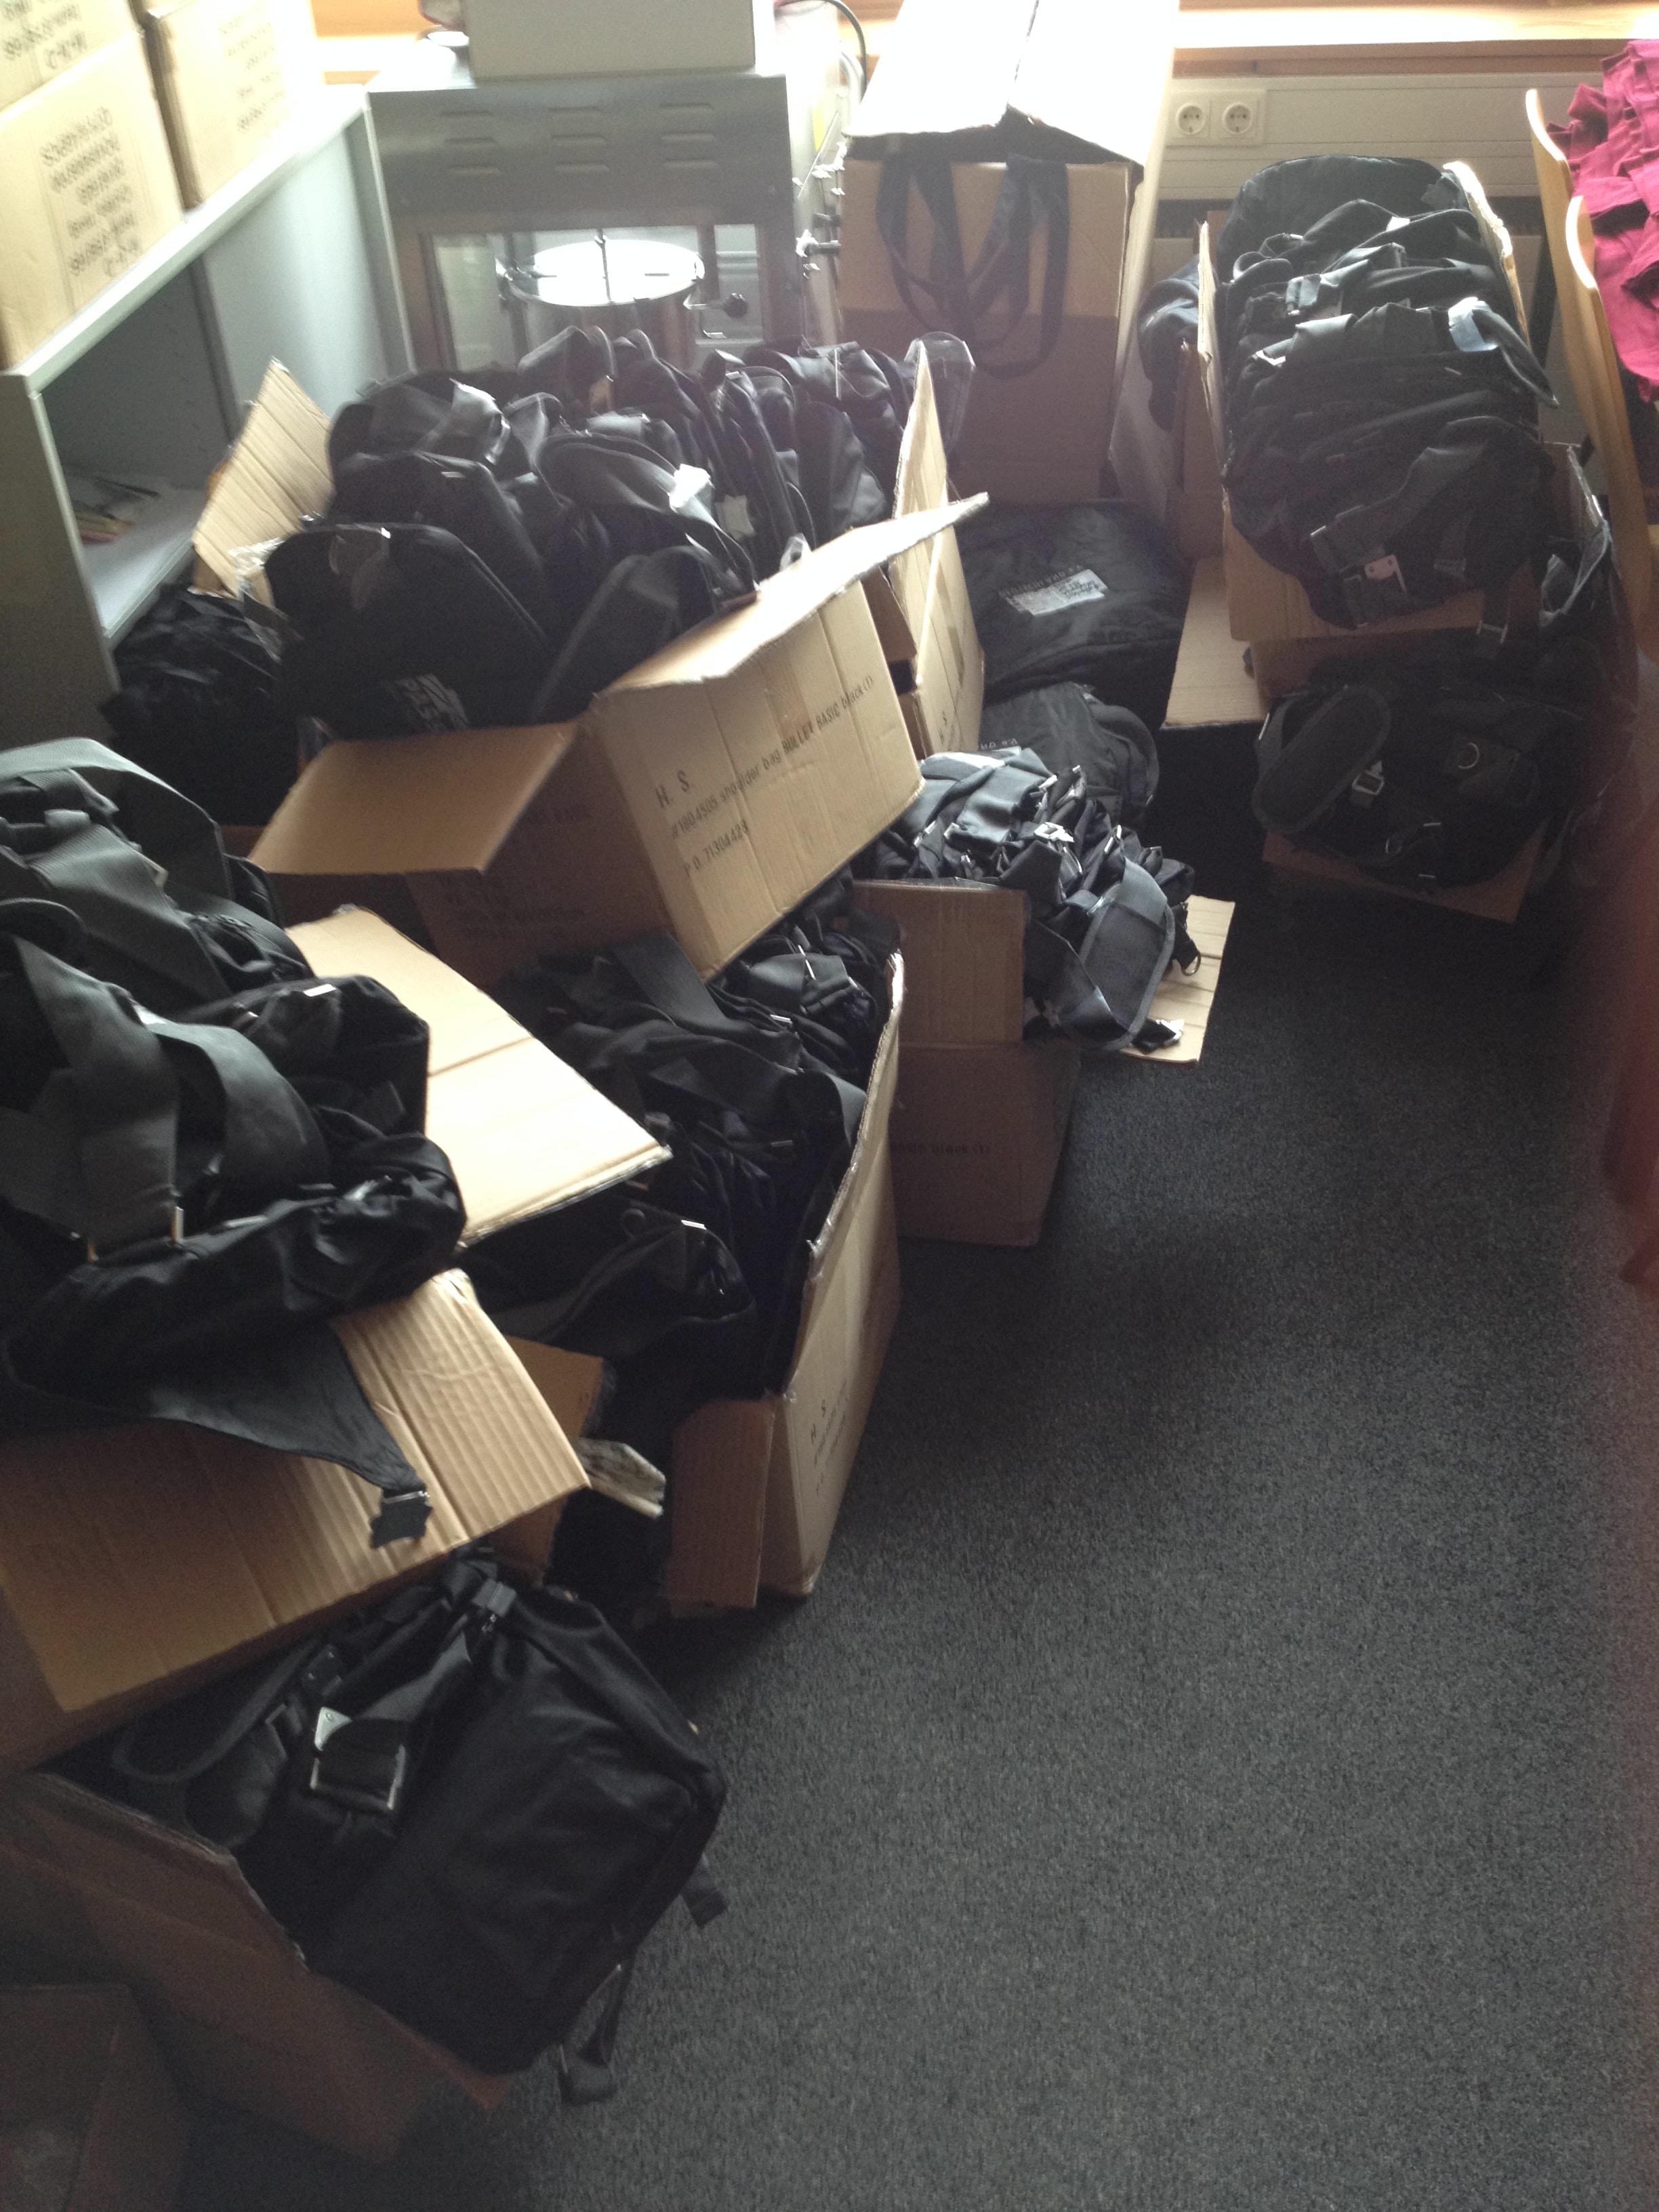 SQLSaturday #525 - Rheinland - Vorbereitungen für die Teilnehmer